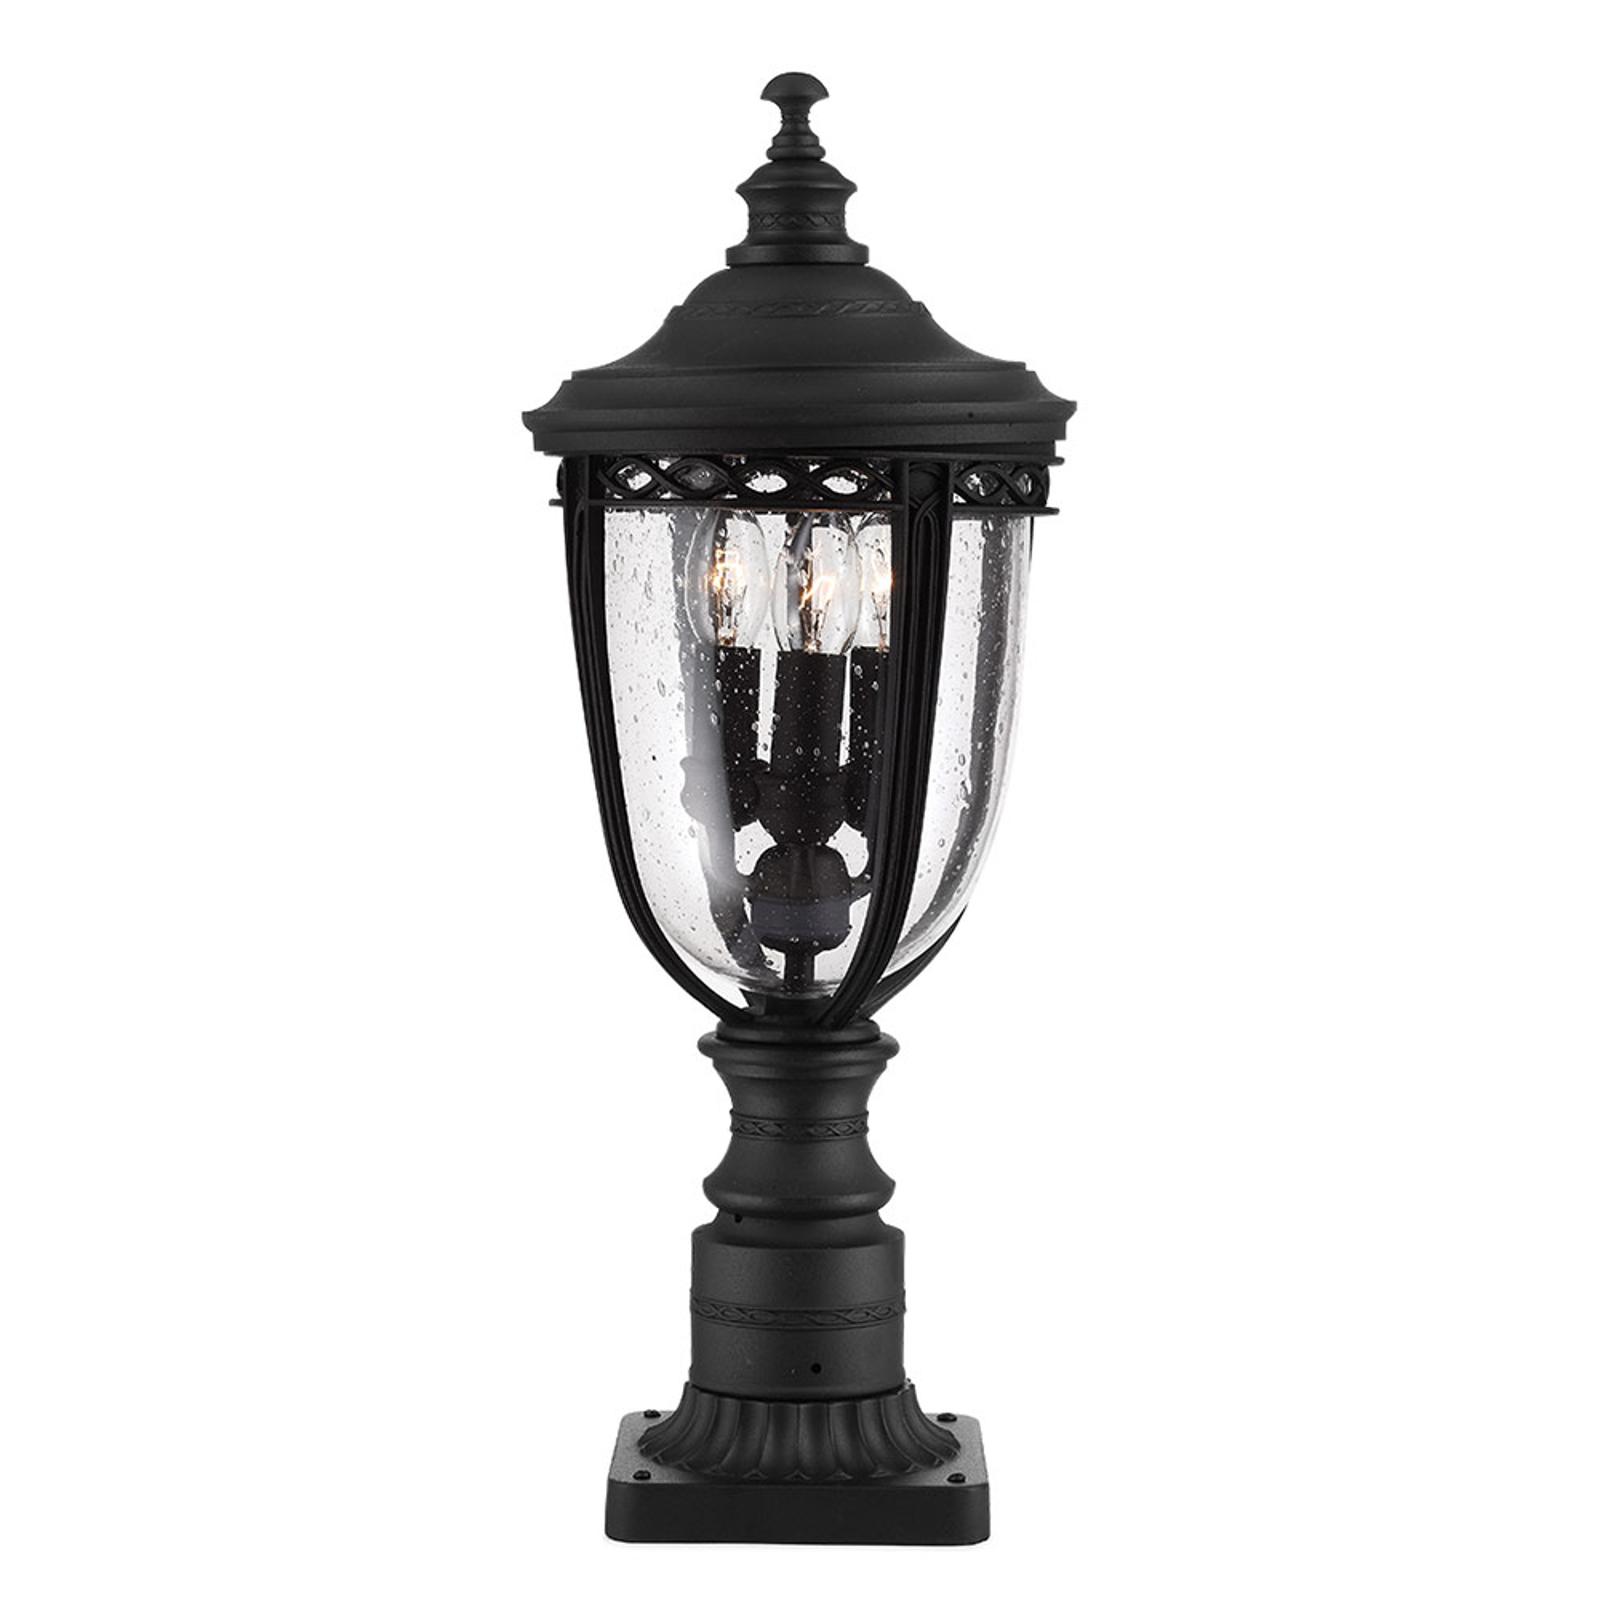 Soklové světlo English Bridle, černá